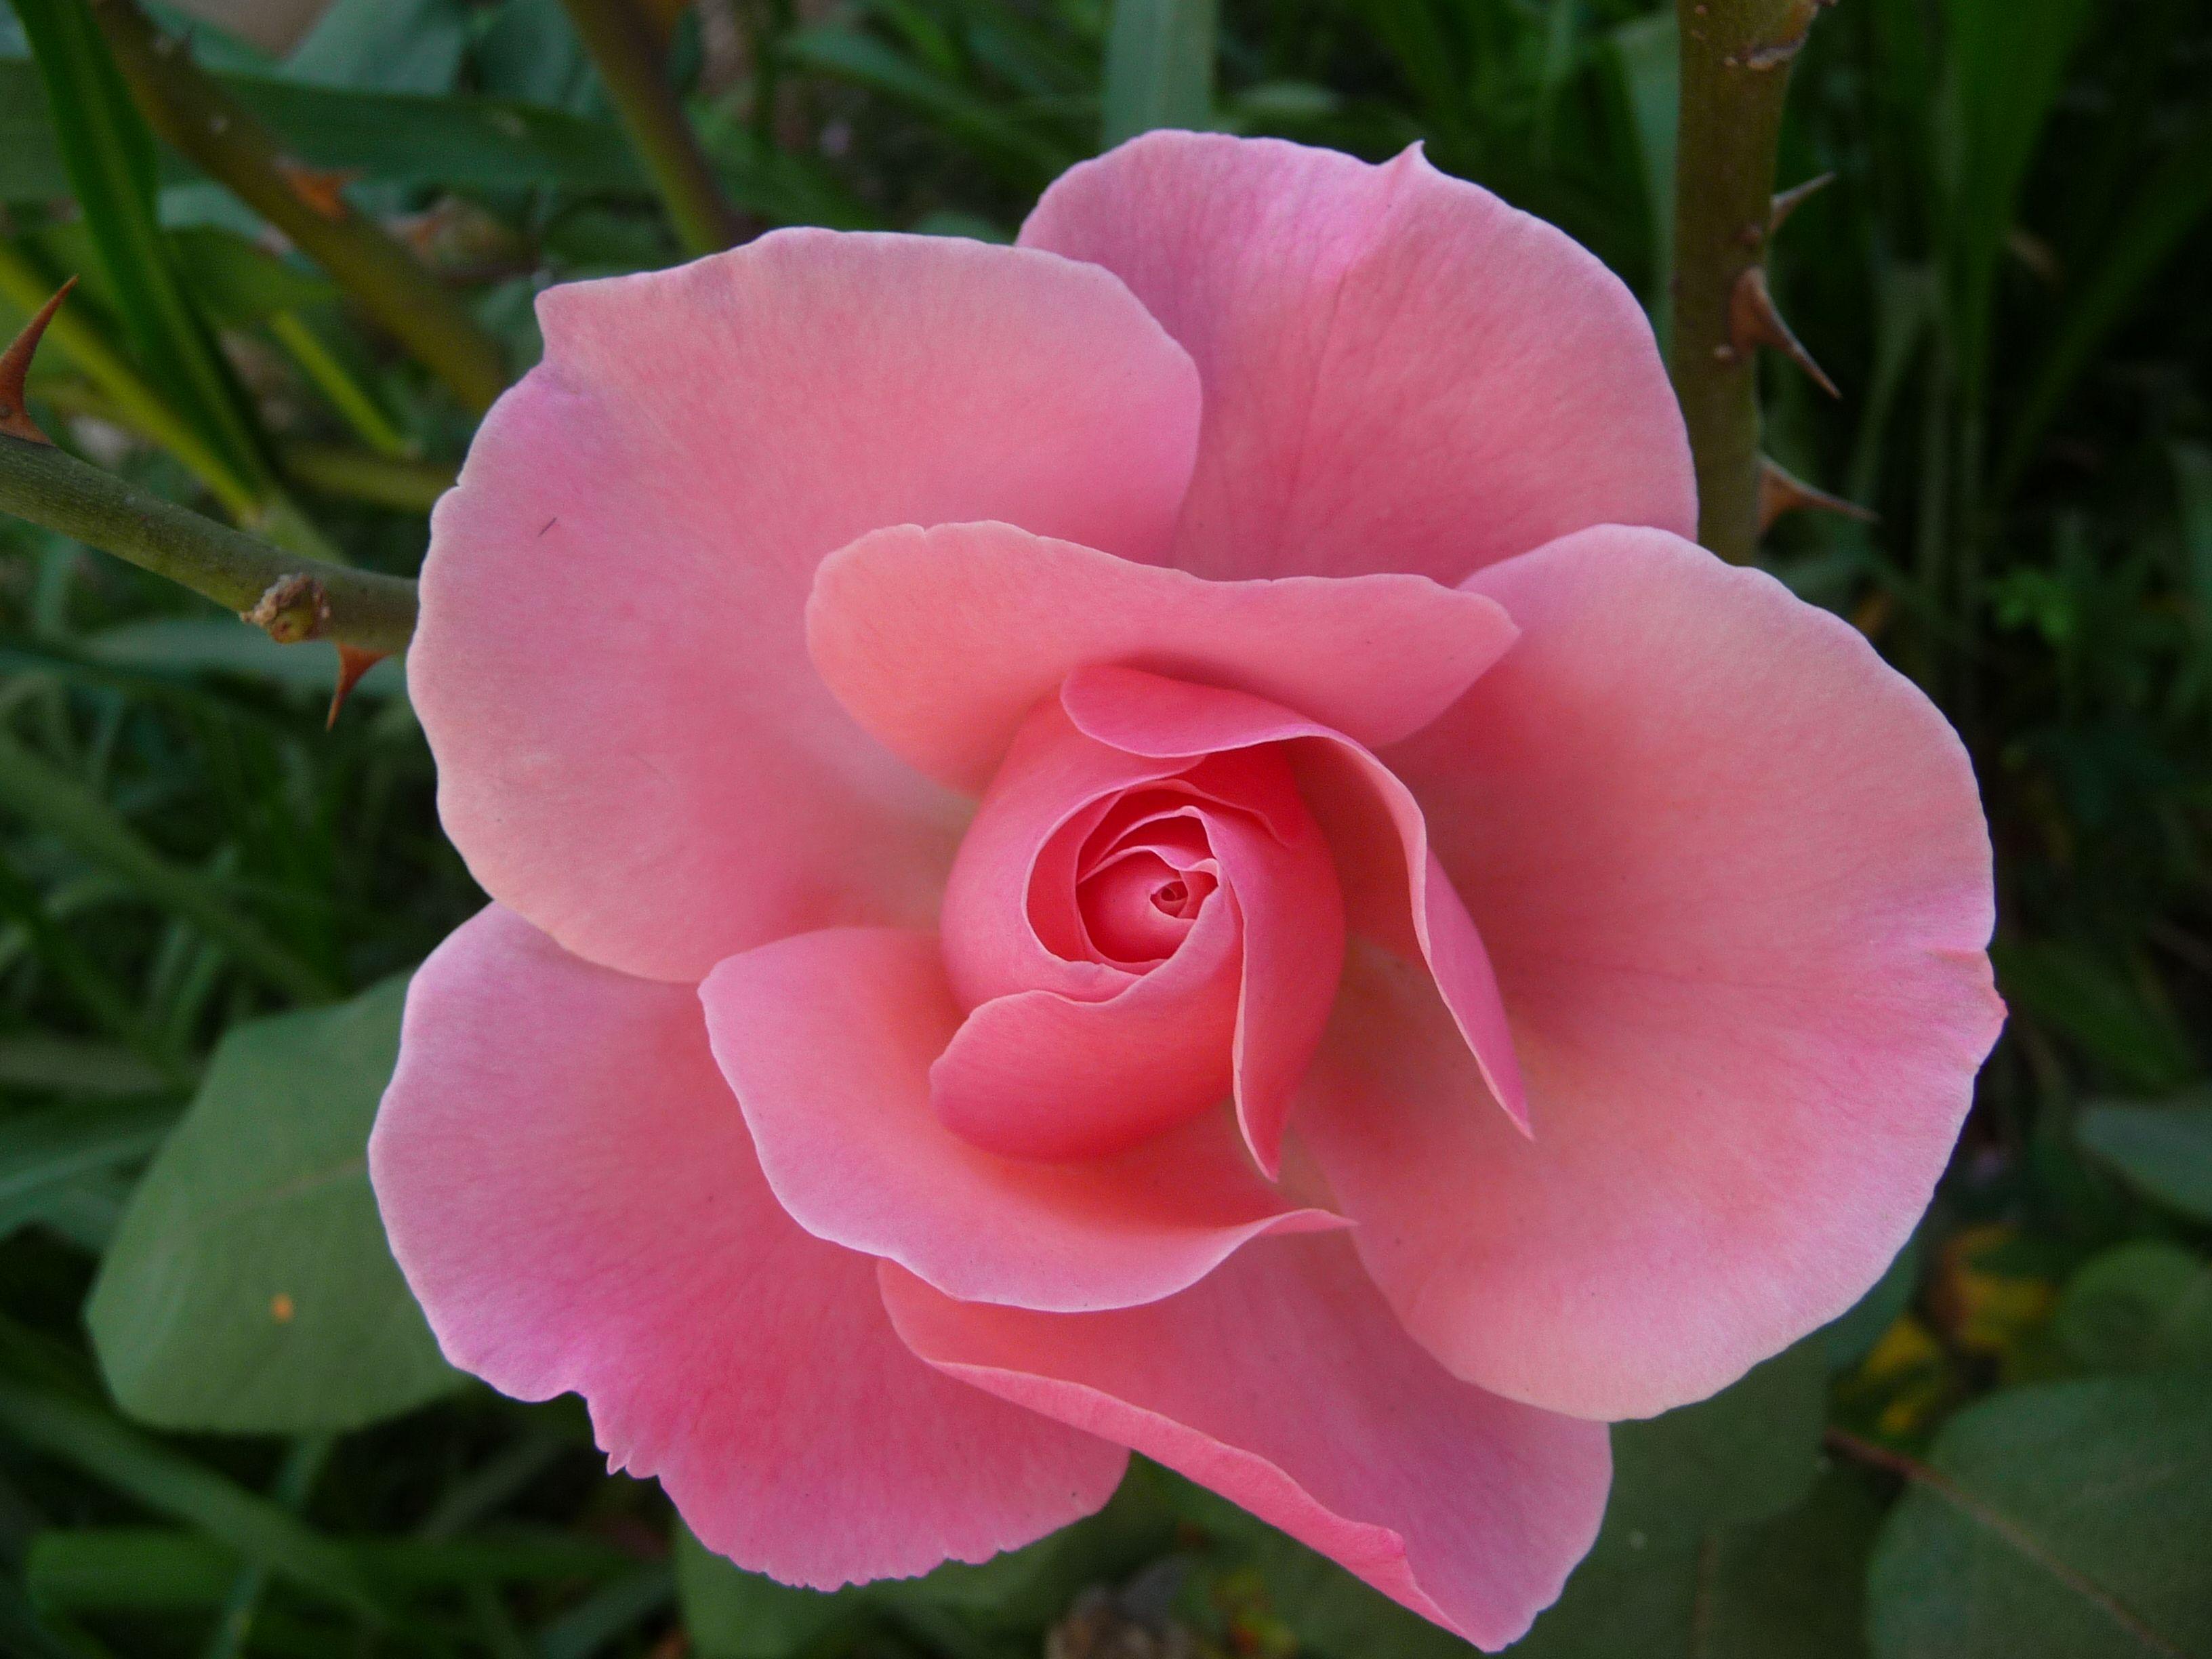 la rosa mas linda de mi jardín.